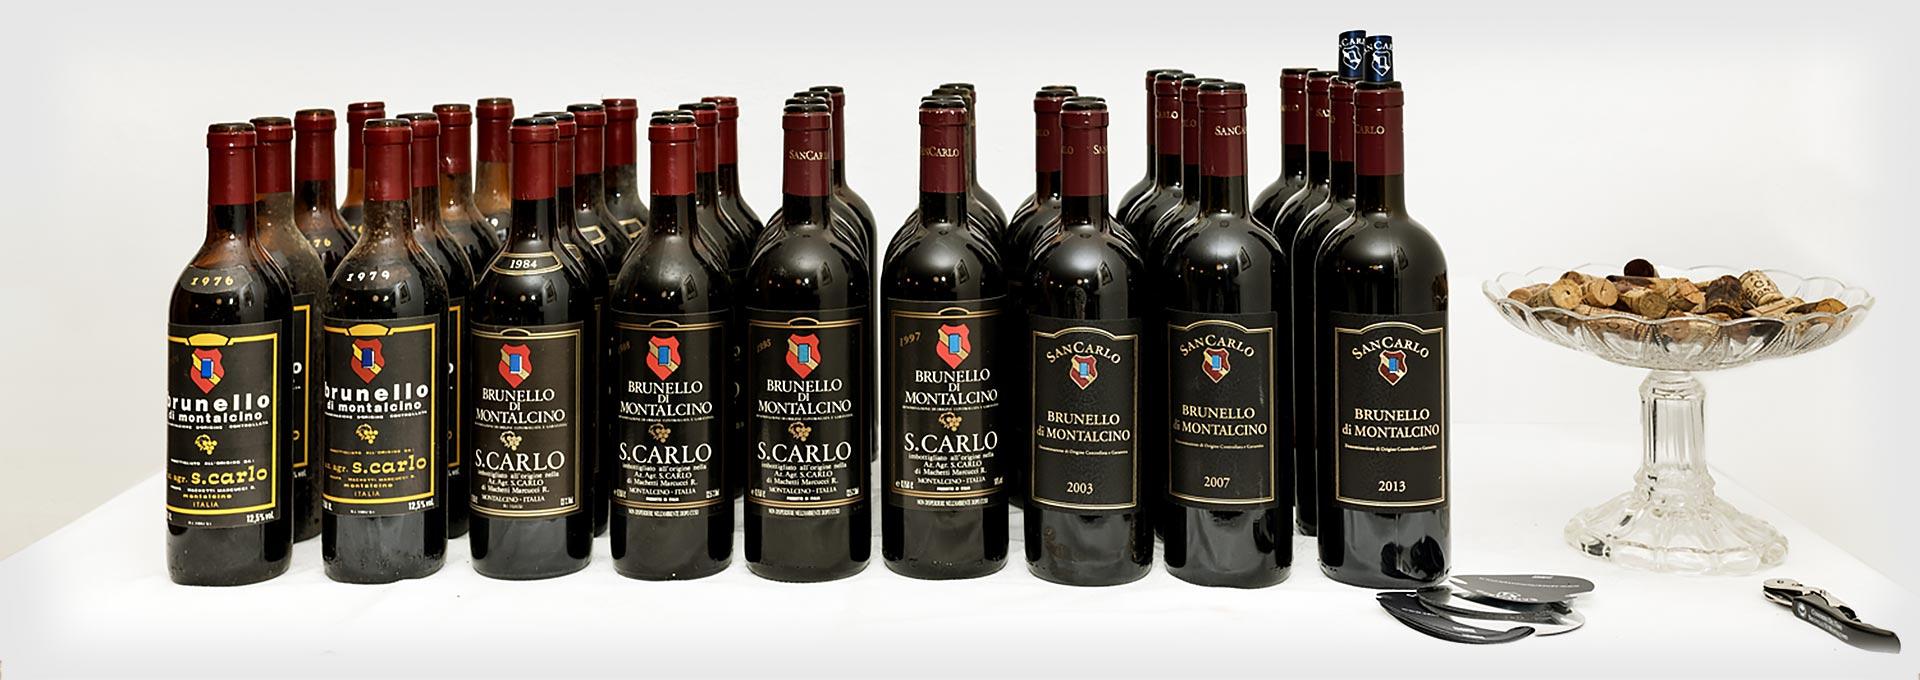 Vini SanCarlo - Verticale Brunello di Montalcino DOCG - Wines